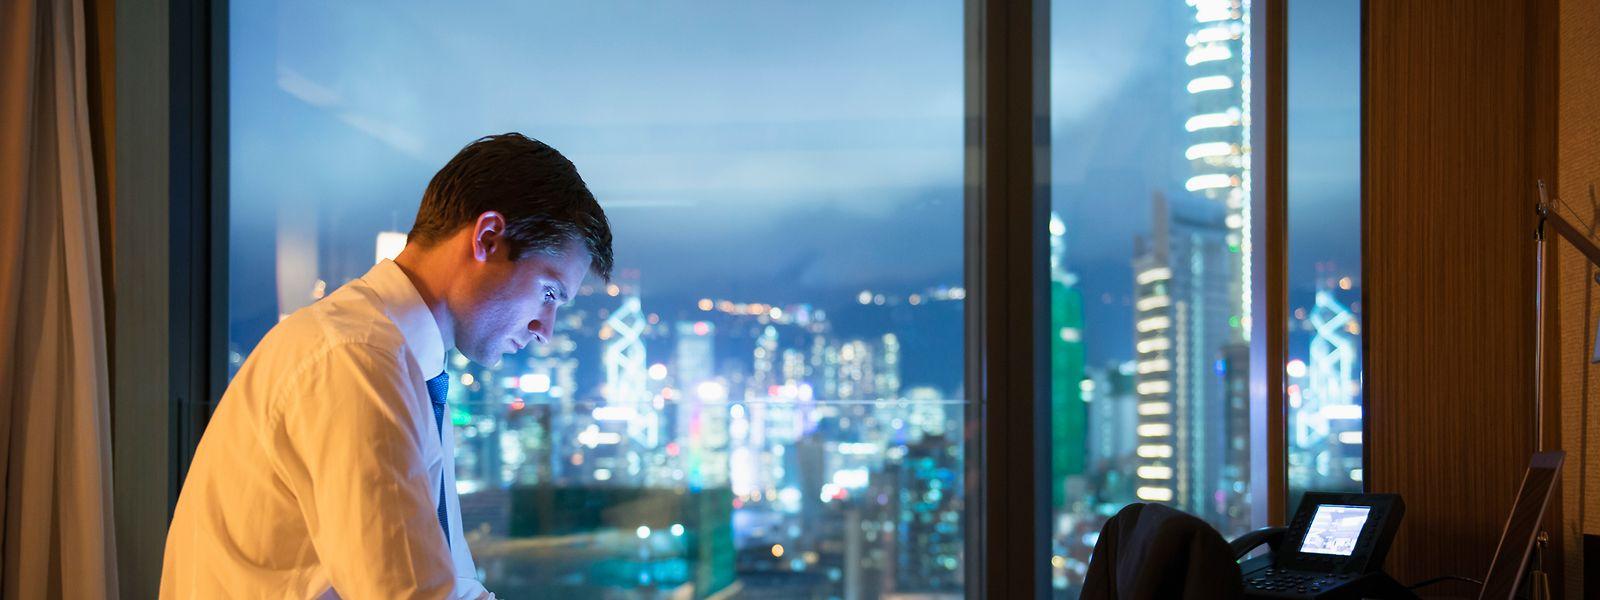 Das Leben der ausländischen Fachkräfte in China wurde durch die Pandemie deutlich komplizierter.